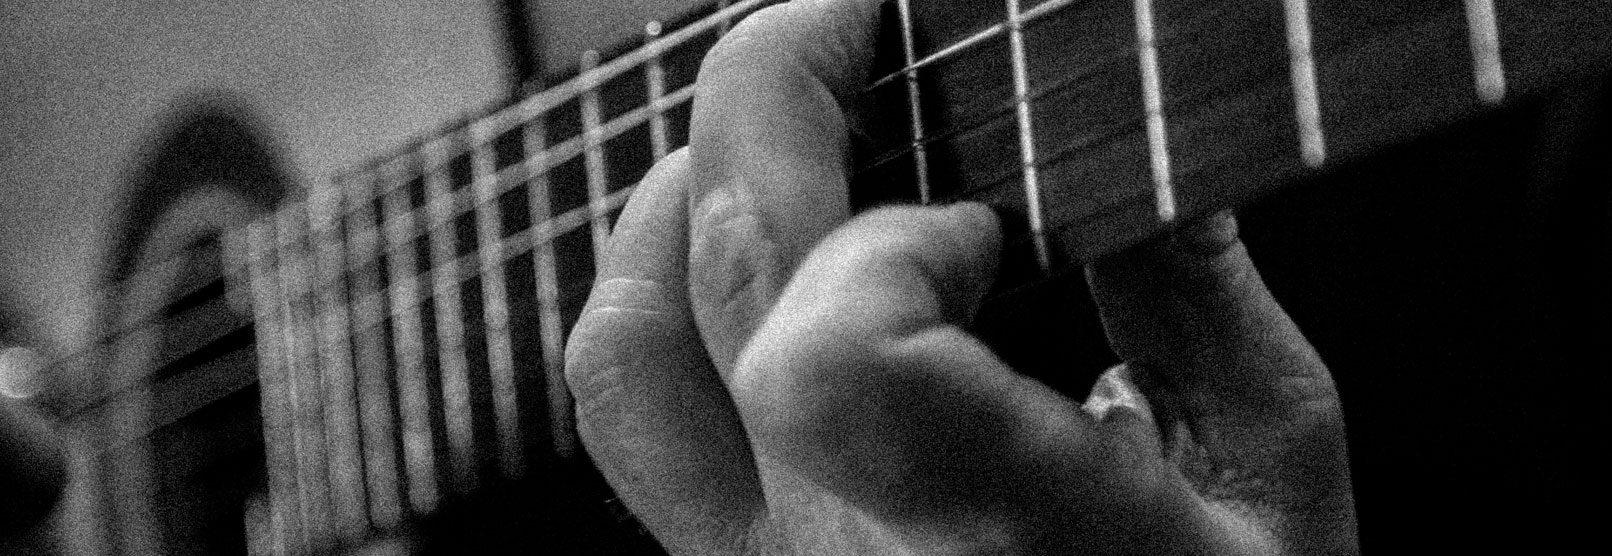 peter_fessler_jazz_music_live_concert_berlin_guitar